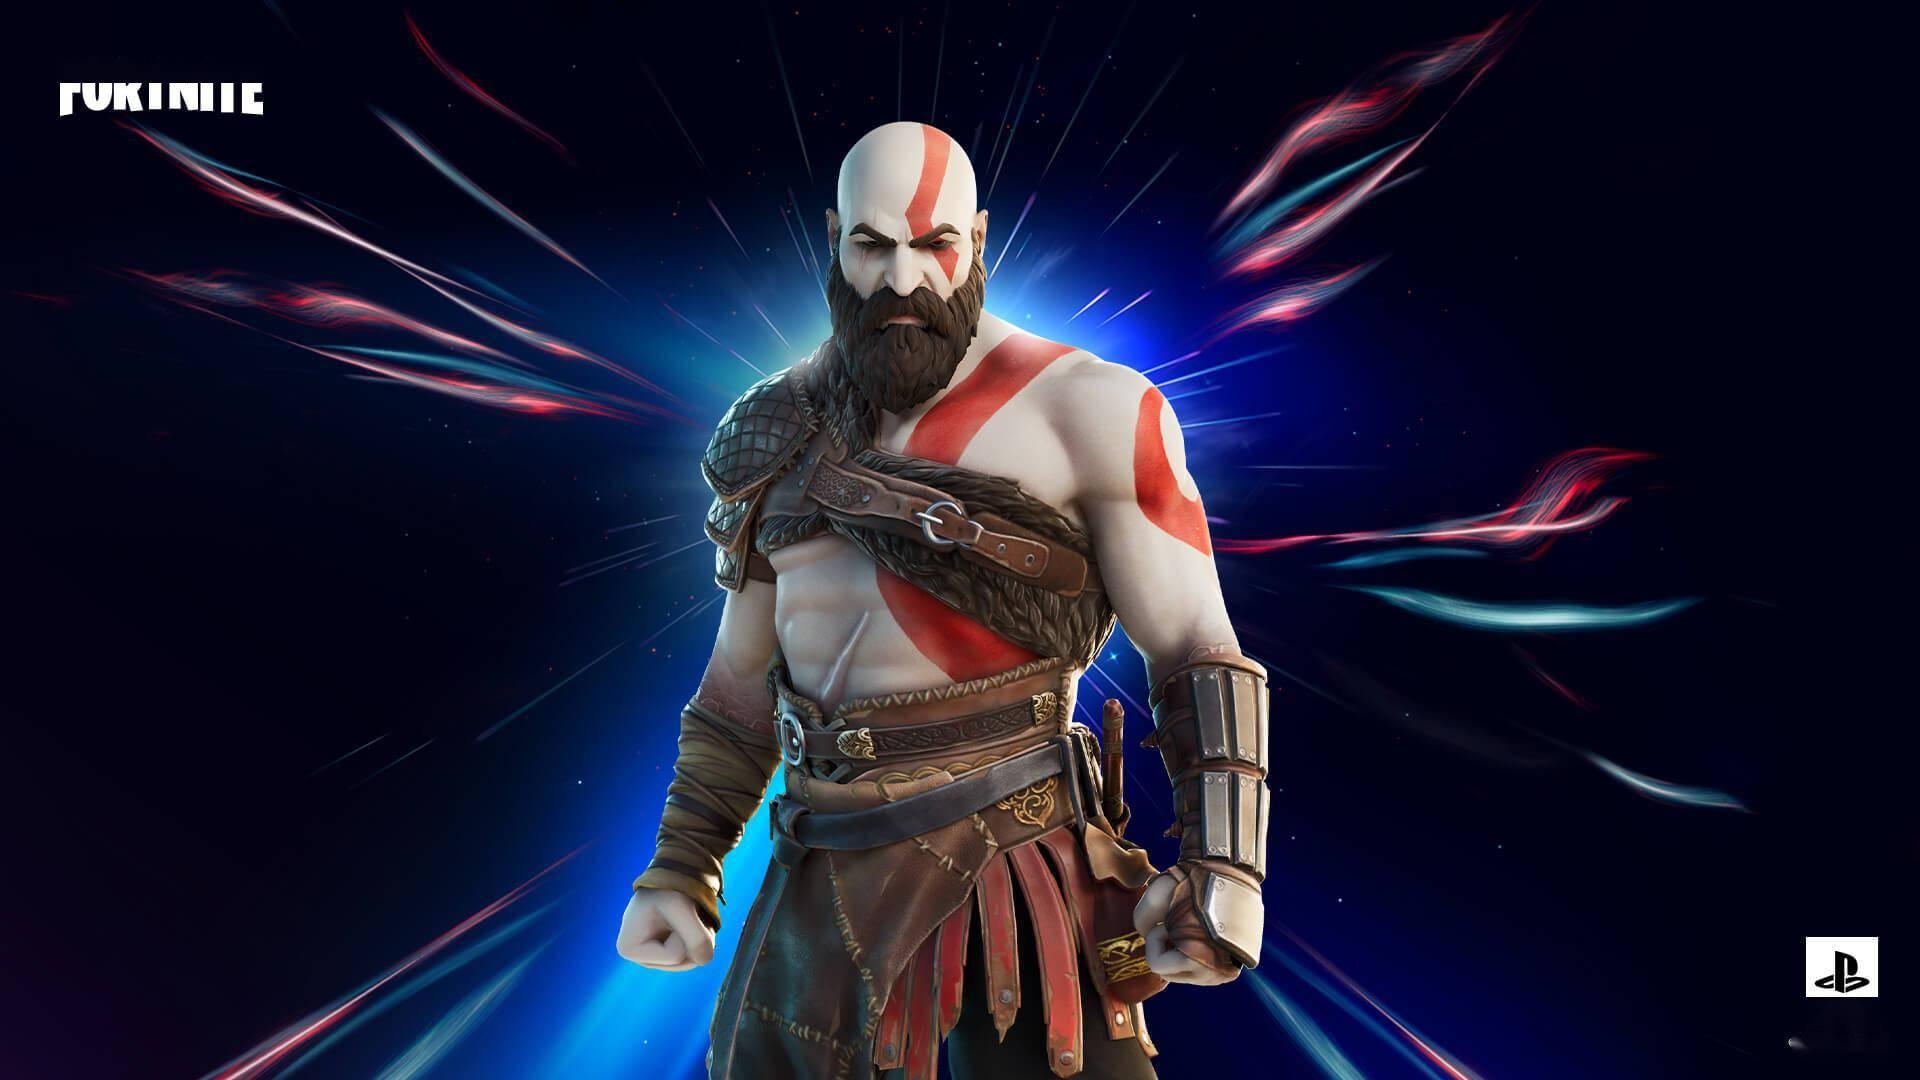 狩猎角色斯巴达之魂奎托斯踏入《堡垒之夜》战场